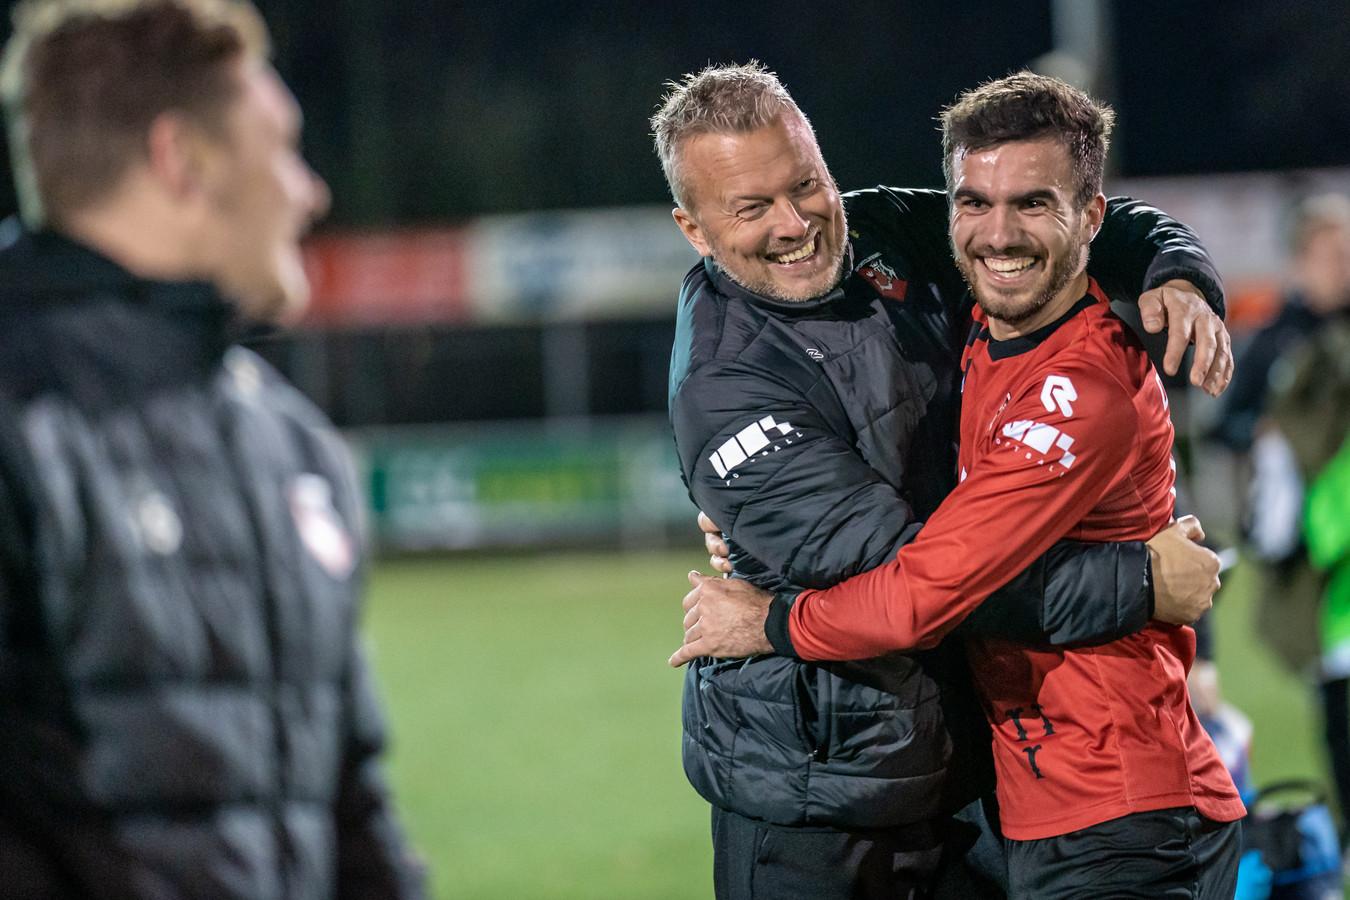 SC Bemmel - hier met Luke Roelofs-  is door naar de volgende ronde na de 2-1 winst op NEC.